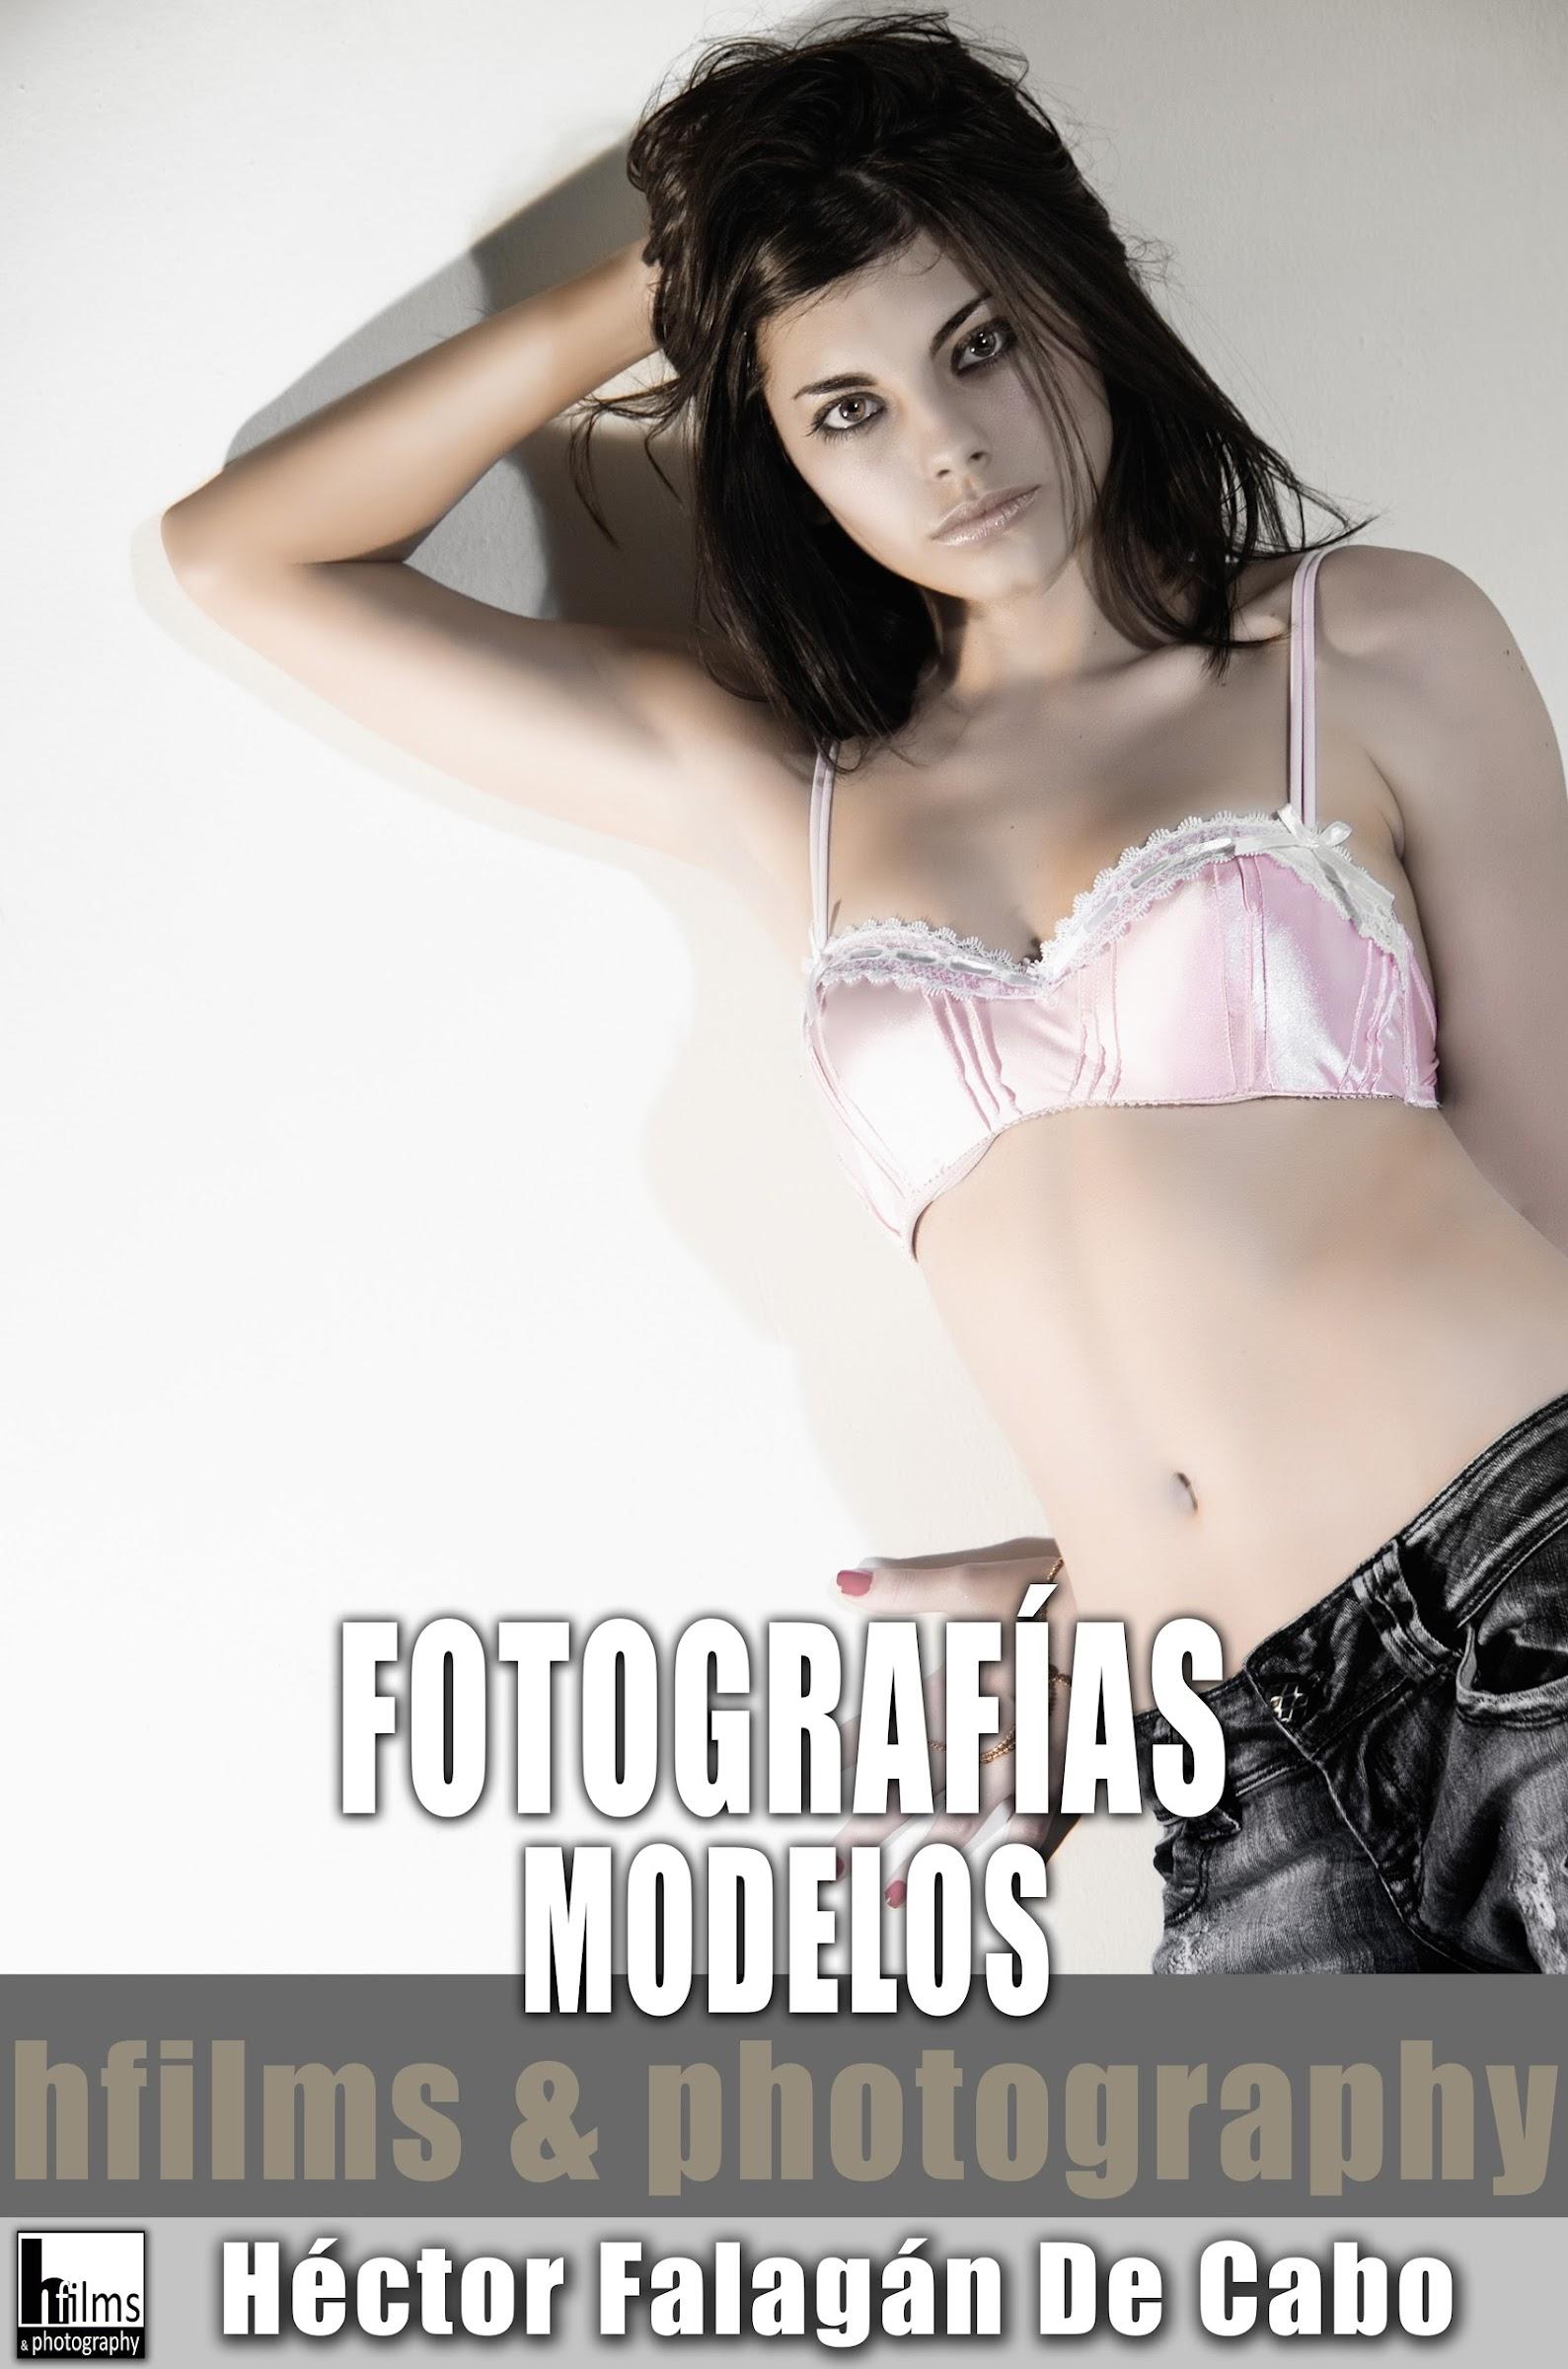 Héctor Falagán De Cabo | hfilms & photography. Fotografías de Modelos.